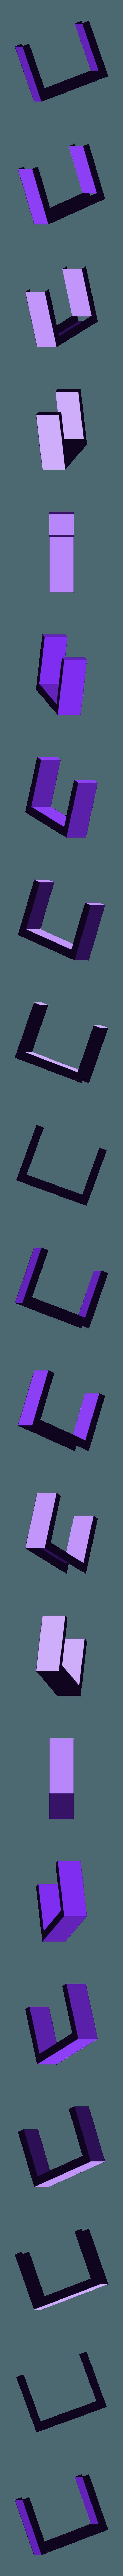 usb_connector_convert_part.stl Télécharger fichier STL gratuit Lampe de projecteur RGB • Design imprimable en 3D, Job